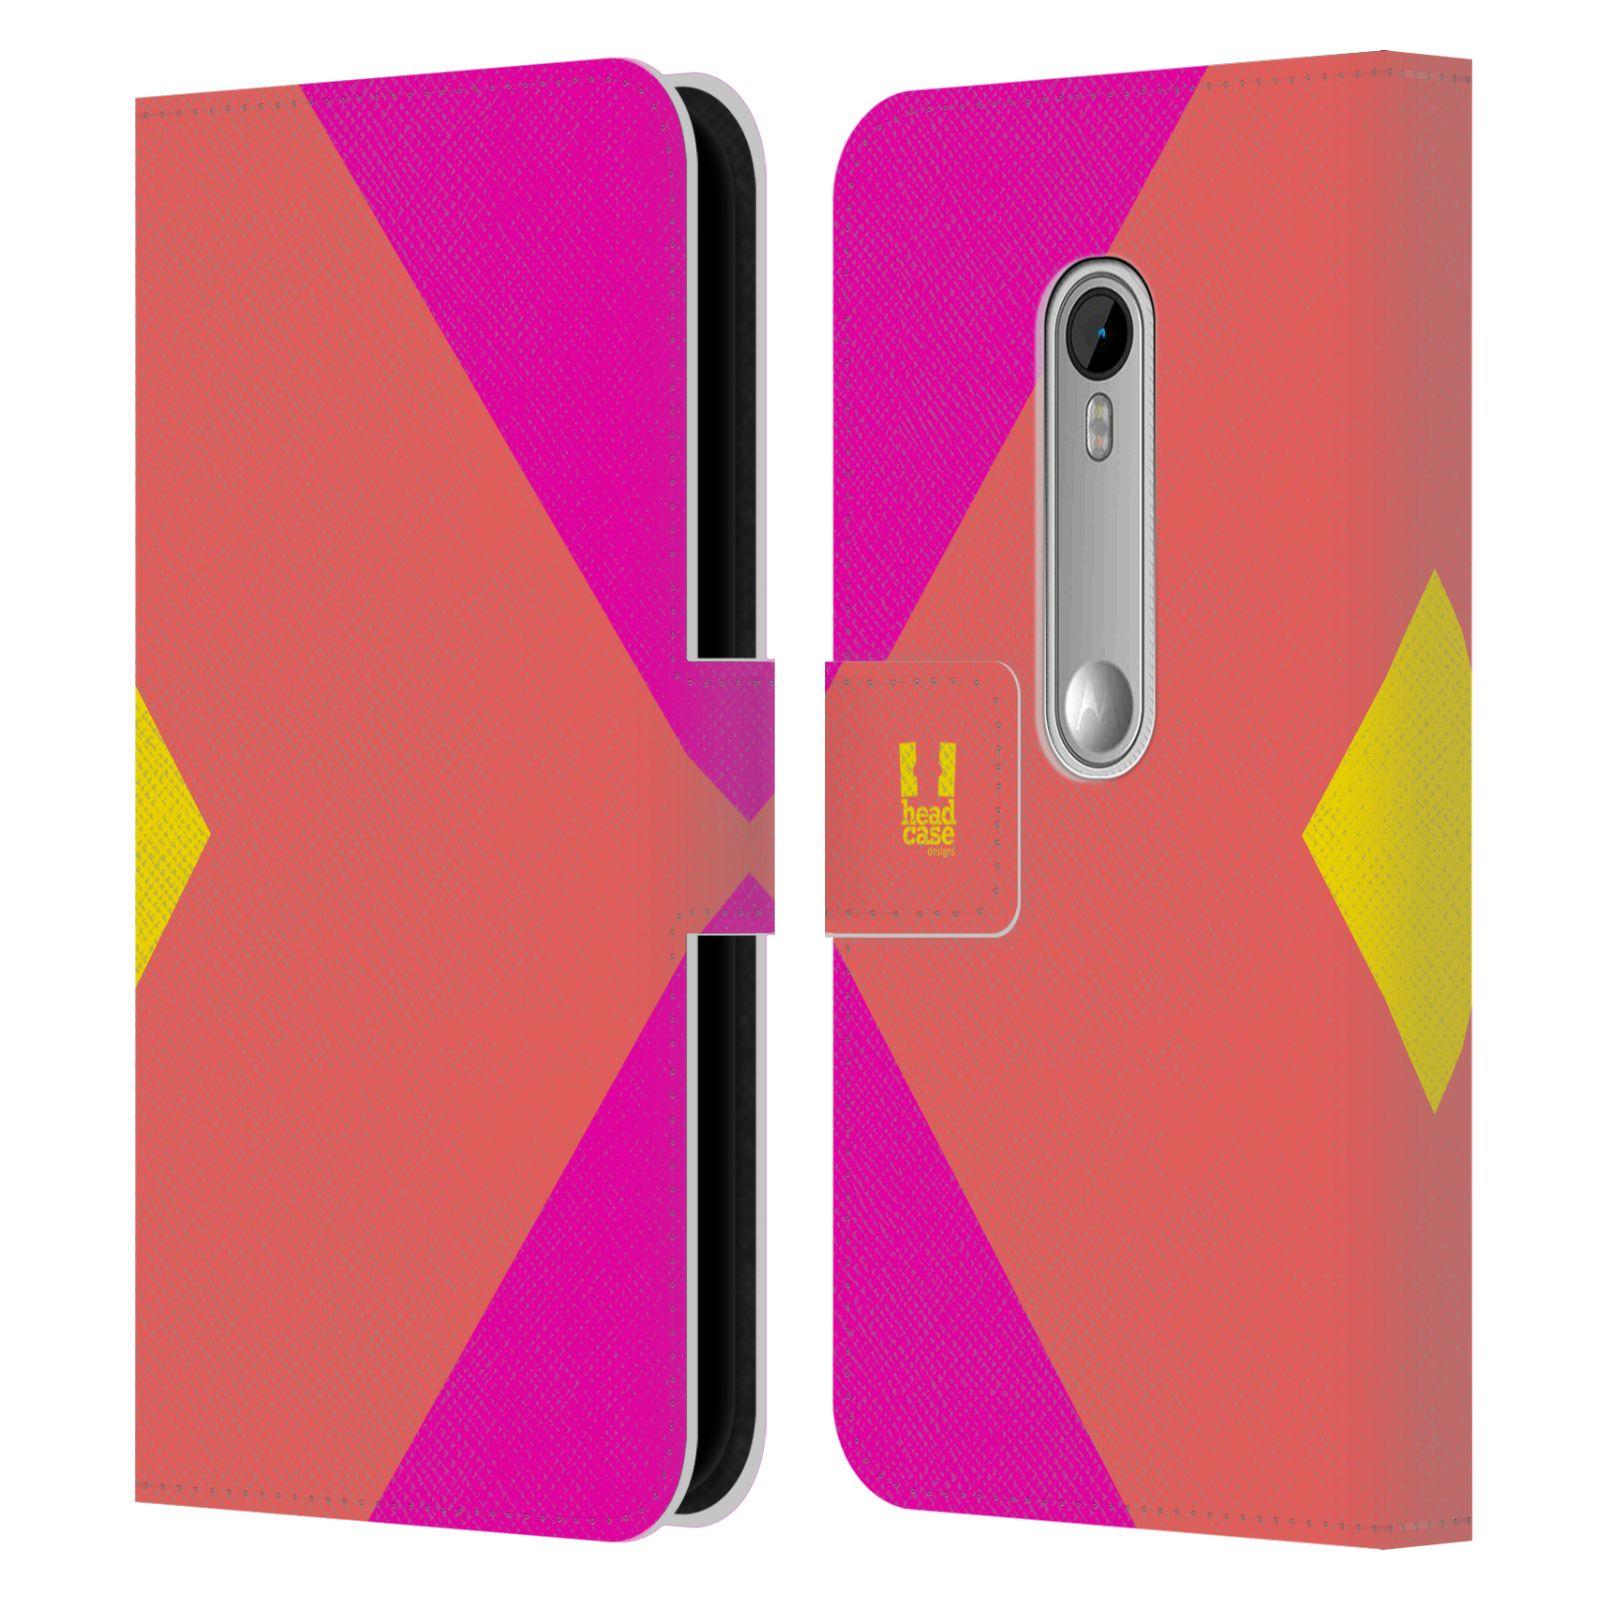 HEAD CASE Flipové pouzdro pro mobil Motorola MOTO G 3RD GENERATION barevné tvary růžová korál